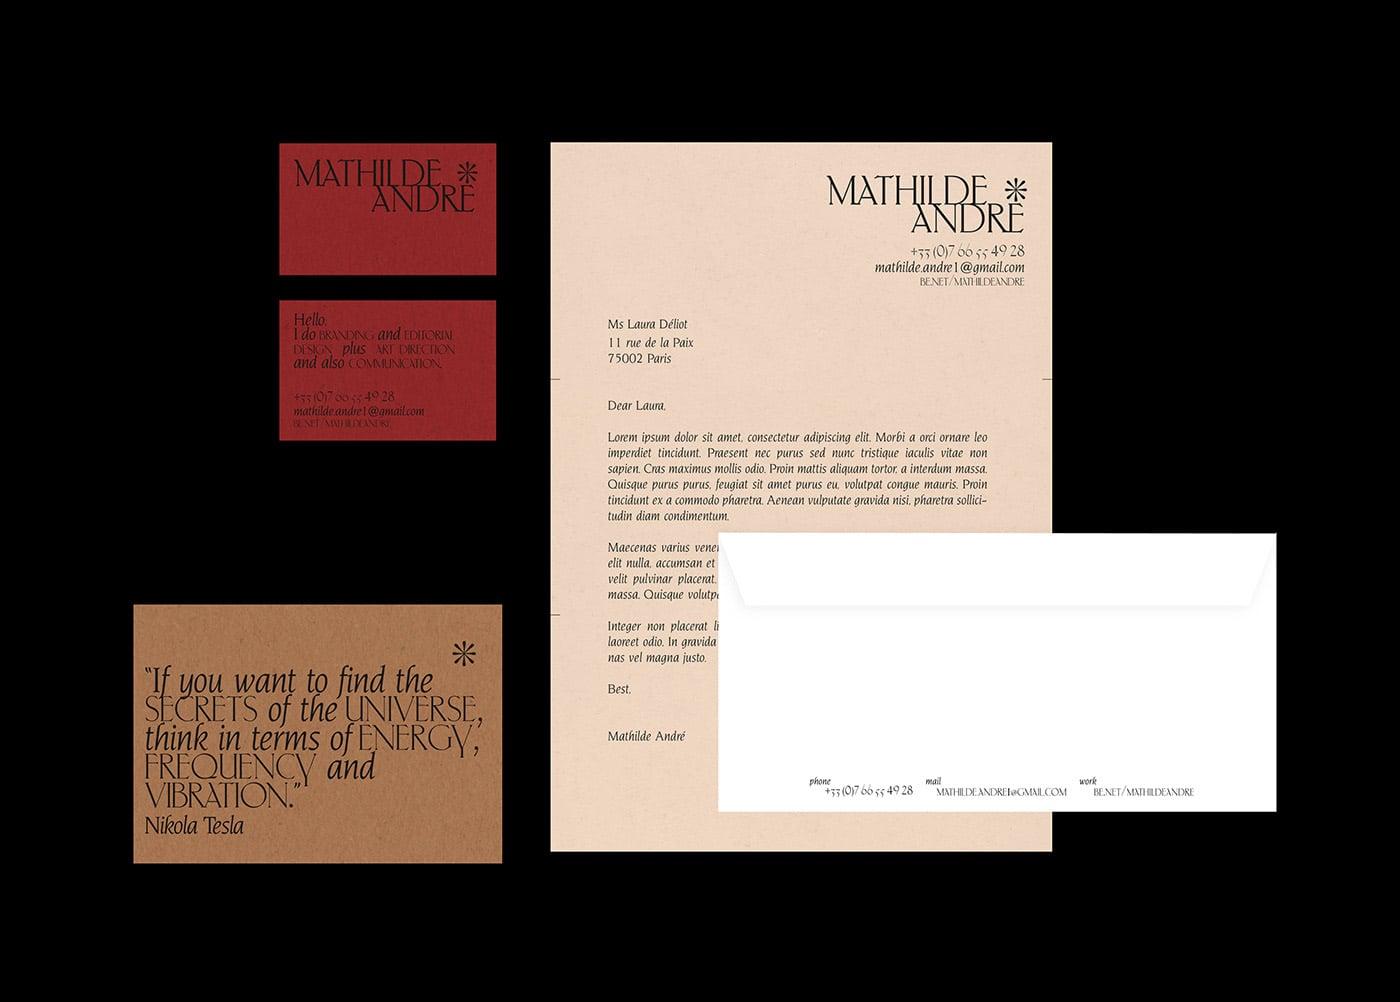 Mathilde André Self Branding - Mindsparkle Mag